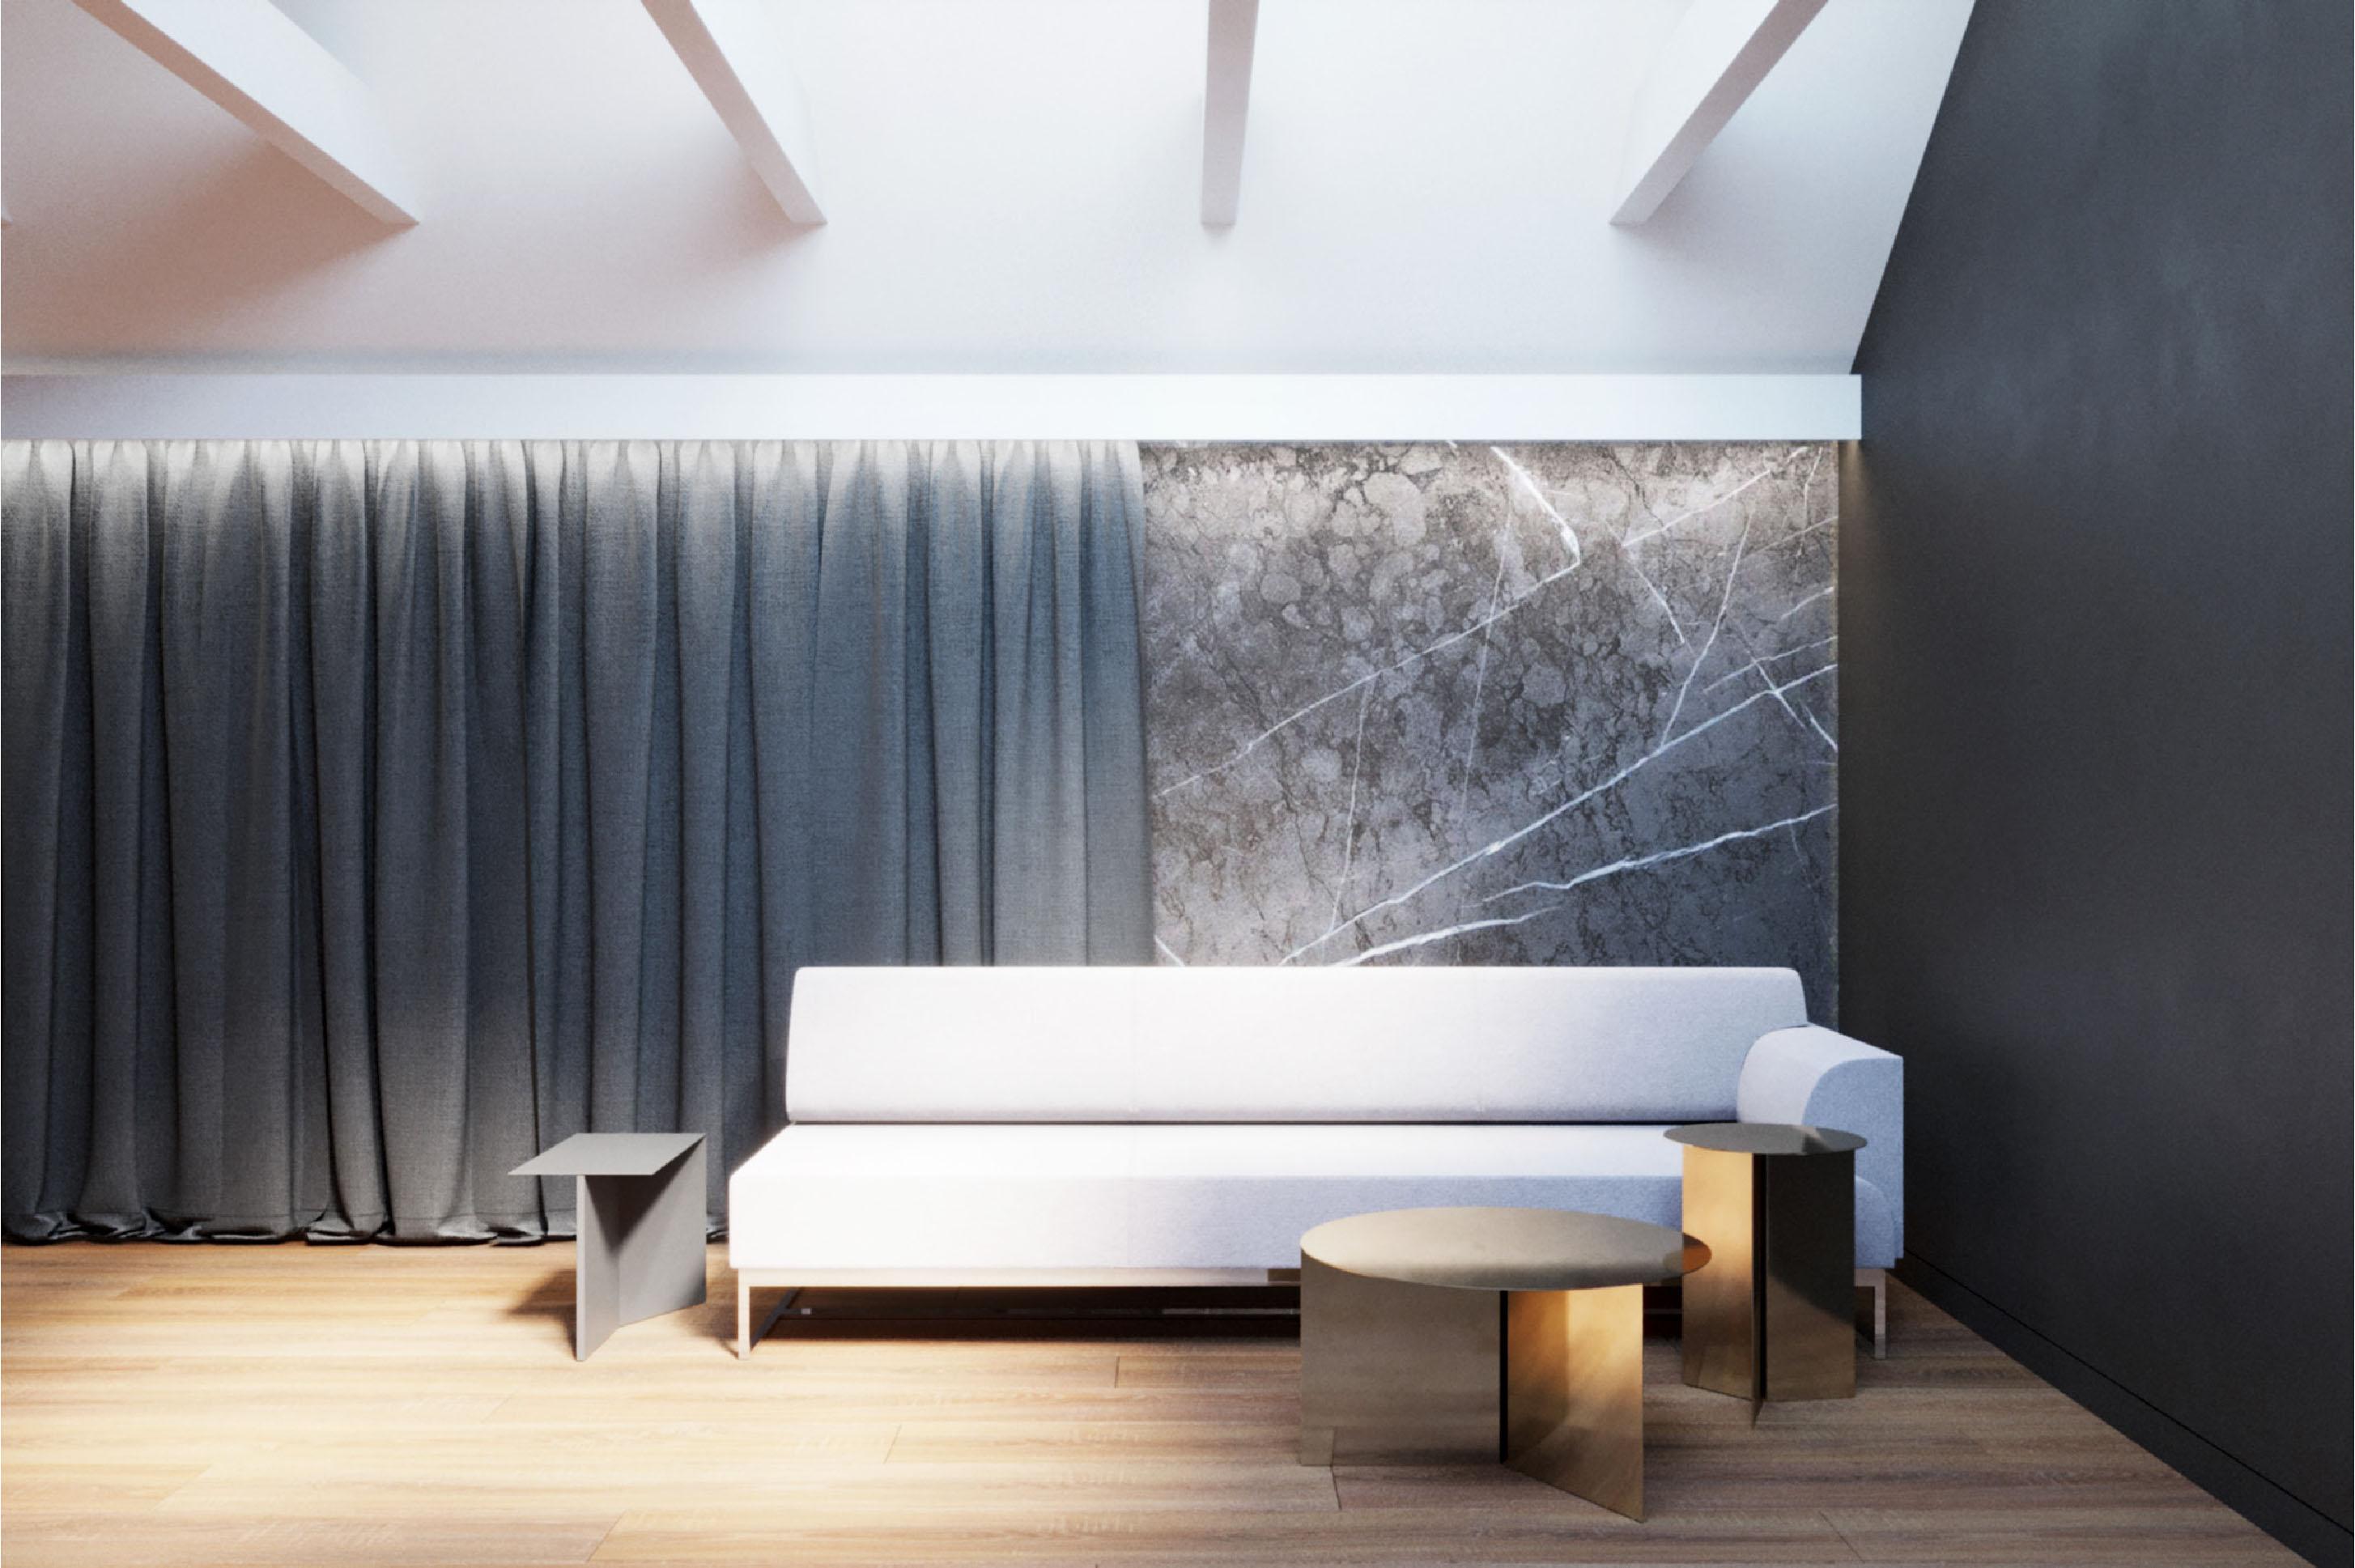 najpiękniejszy projekt pokoju wnętrza